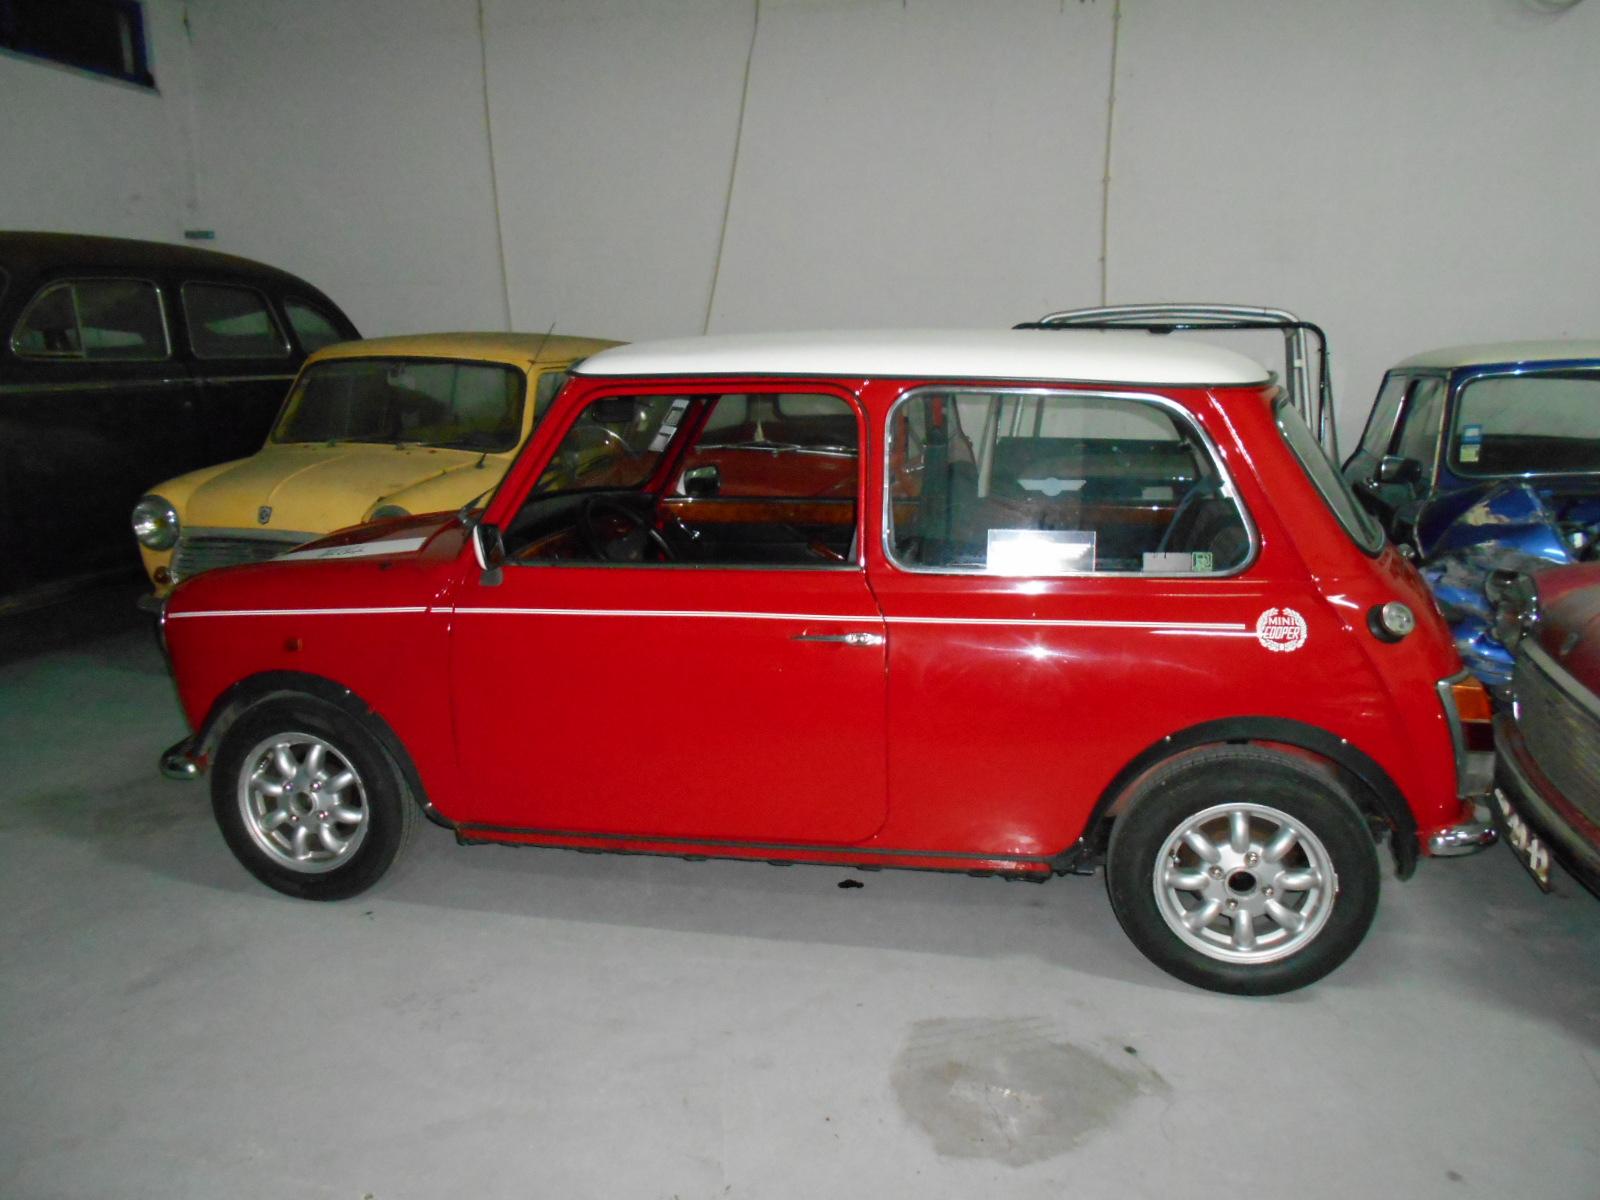 classic car garage mini cooper uma nova corrida. Black Bedroom Furniture Sets. Home Design Ideas